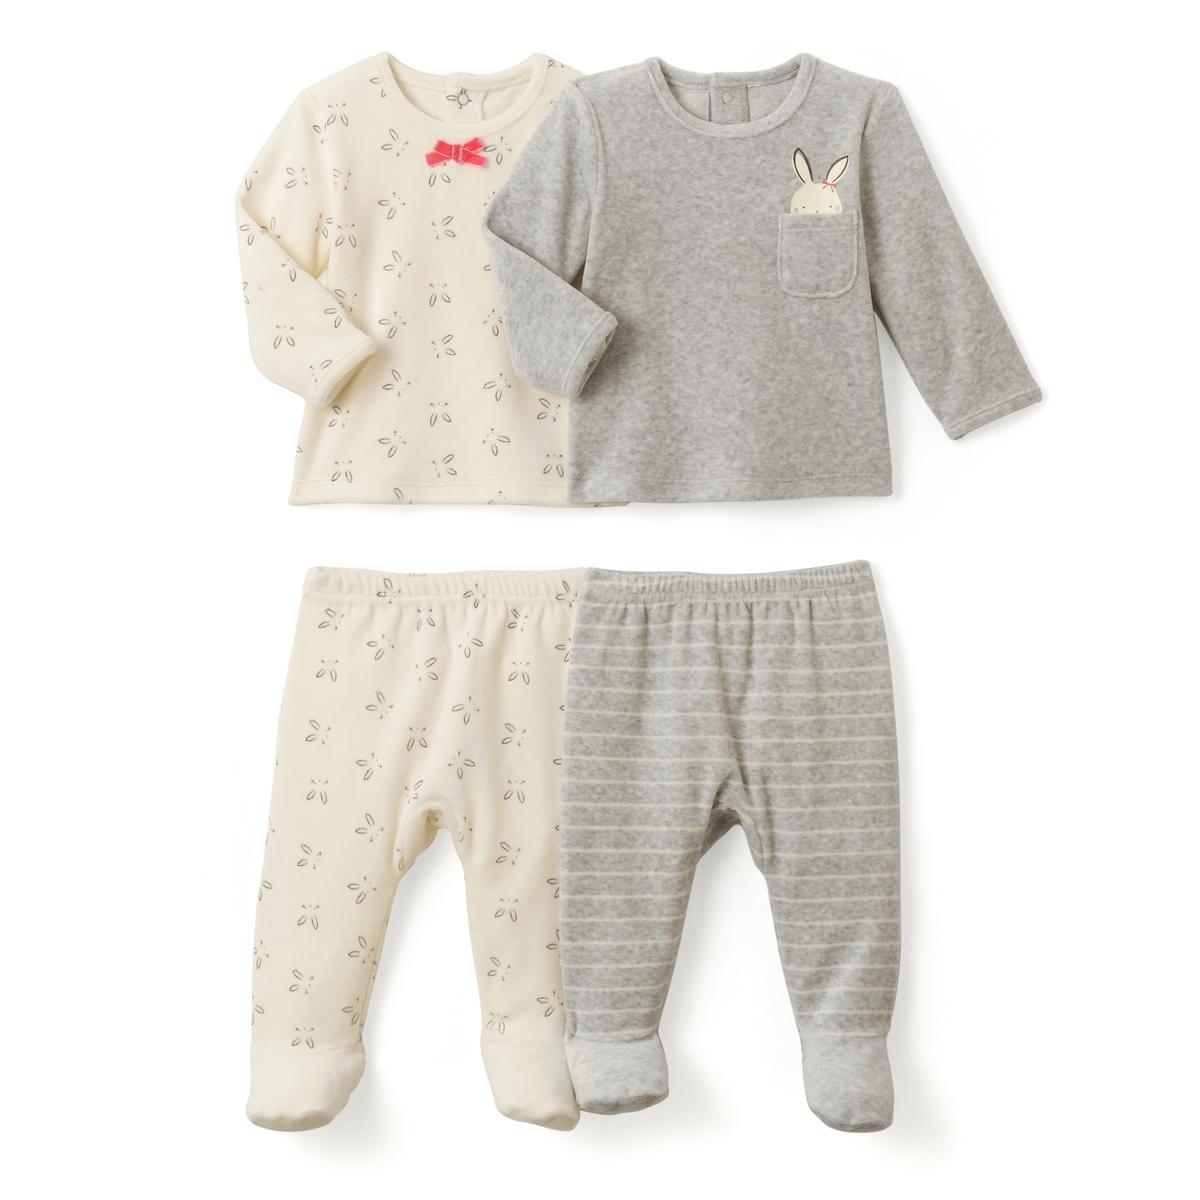 2 пижамы из 2 предметов с рисунком кролик, 0 мес. - 3 годаПижама из 2 предметов из велюра. В комплекте 2 пижамы: 1 пижама с футболкой с длинными рукавами и брюками с рисунком кролик. 1 пижама с футболкой с длинными рукавами с рисунком кролик над нагрудным карманом + 1 брюки в полоску. Верх с застежкой на кнопки сзади. Брюки с эластичным поясом. Носочки с покрытием против скольжения от 12 мес. (74 см), эластичные сзади для лучшей поддержки. Планка застежки на пуговицы для соединения верха и низа. Верх пижамы без этикетки, чтобы не вызывать раздражение или зуд на коже ребенка.    Состав и описание :     Материал       велюр, 75% хлопка, 25% полиэстера.    Уход : Машинная стирка при 30 °C в умеренном режиме с вещами схожих цветов. Стирать, сушить и гладить с изнаночной стороны. Машинная сушка в умеренном режиме. Гладить при низкой температуре.<br><br>Цвет: экрю + серый меланж<br>Размер: 0 мес. - 50 см.2 года - 86 см.9 мес. - 71 см.3 мес. - 60 см.1 мес. - 54 см